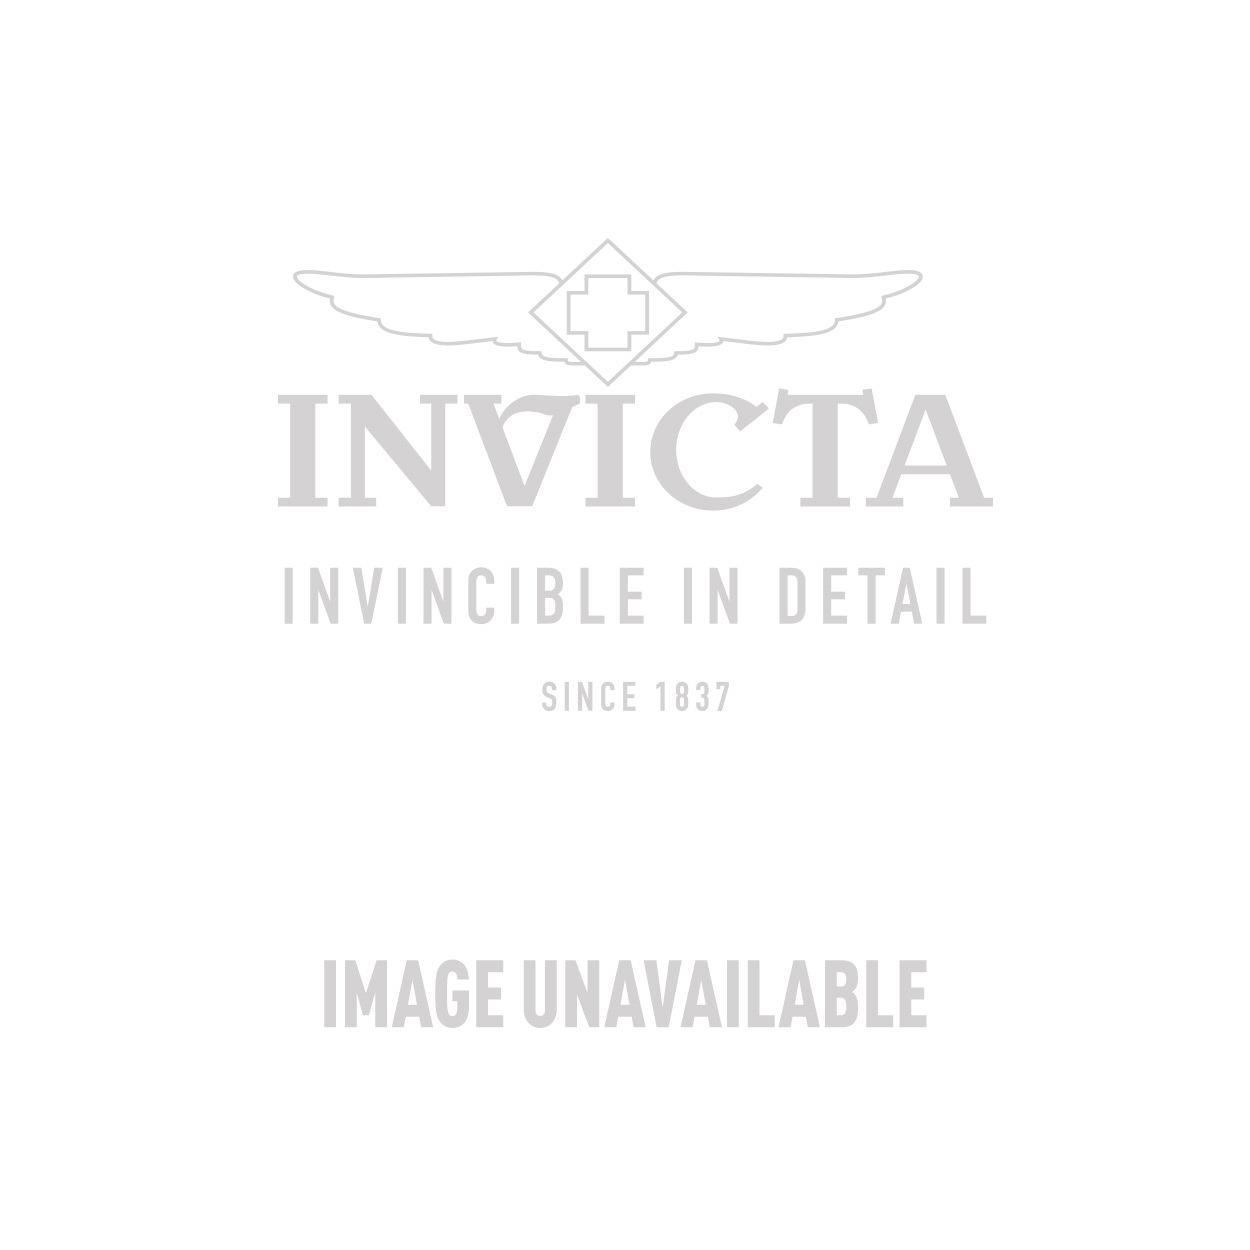 Invicta Speedway Quartz Watch - Gold, Stainless Steel case with Steel, Gold tone Stainless Steel band - Model 14930